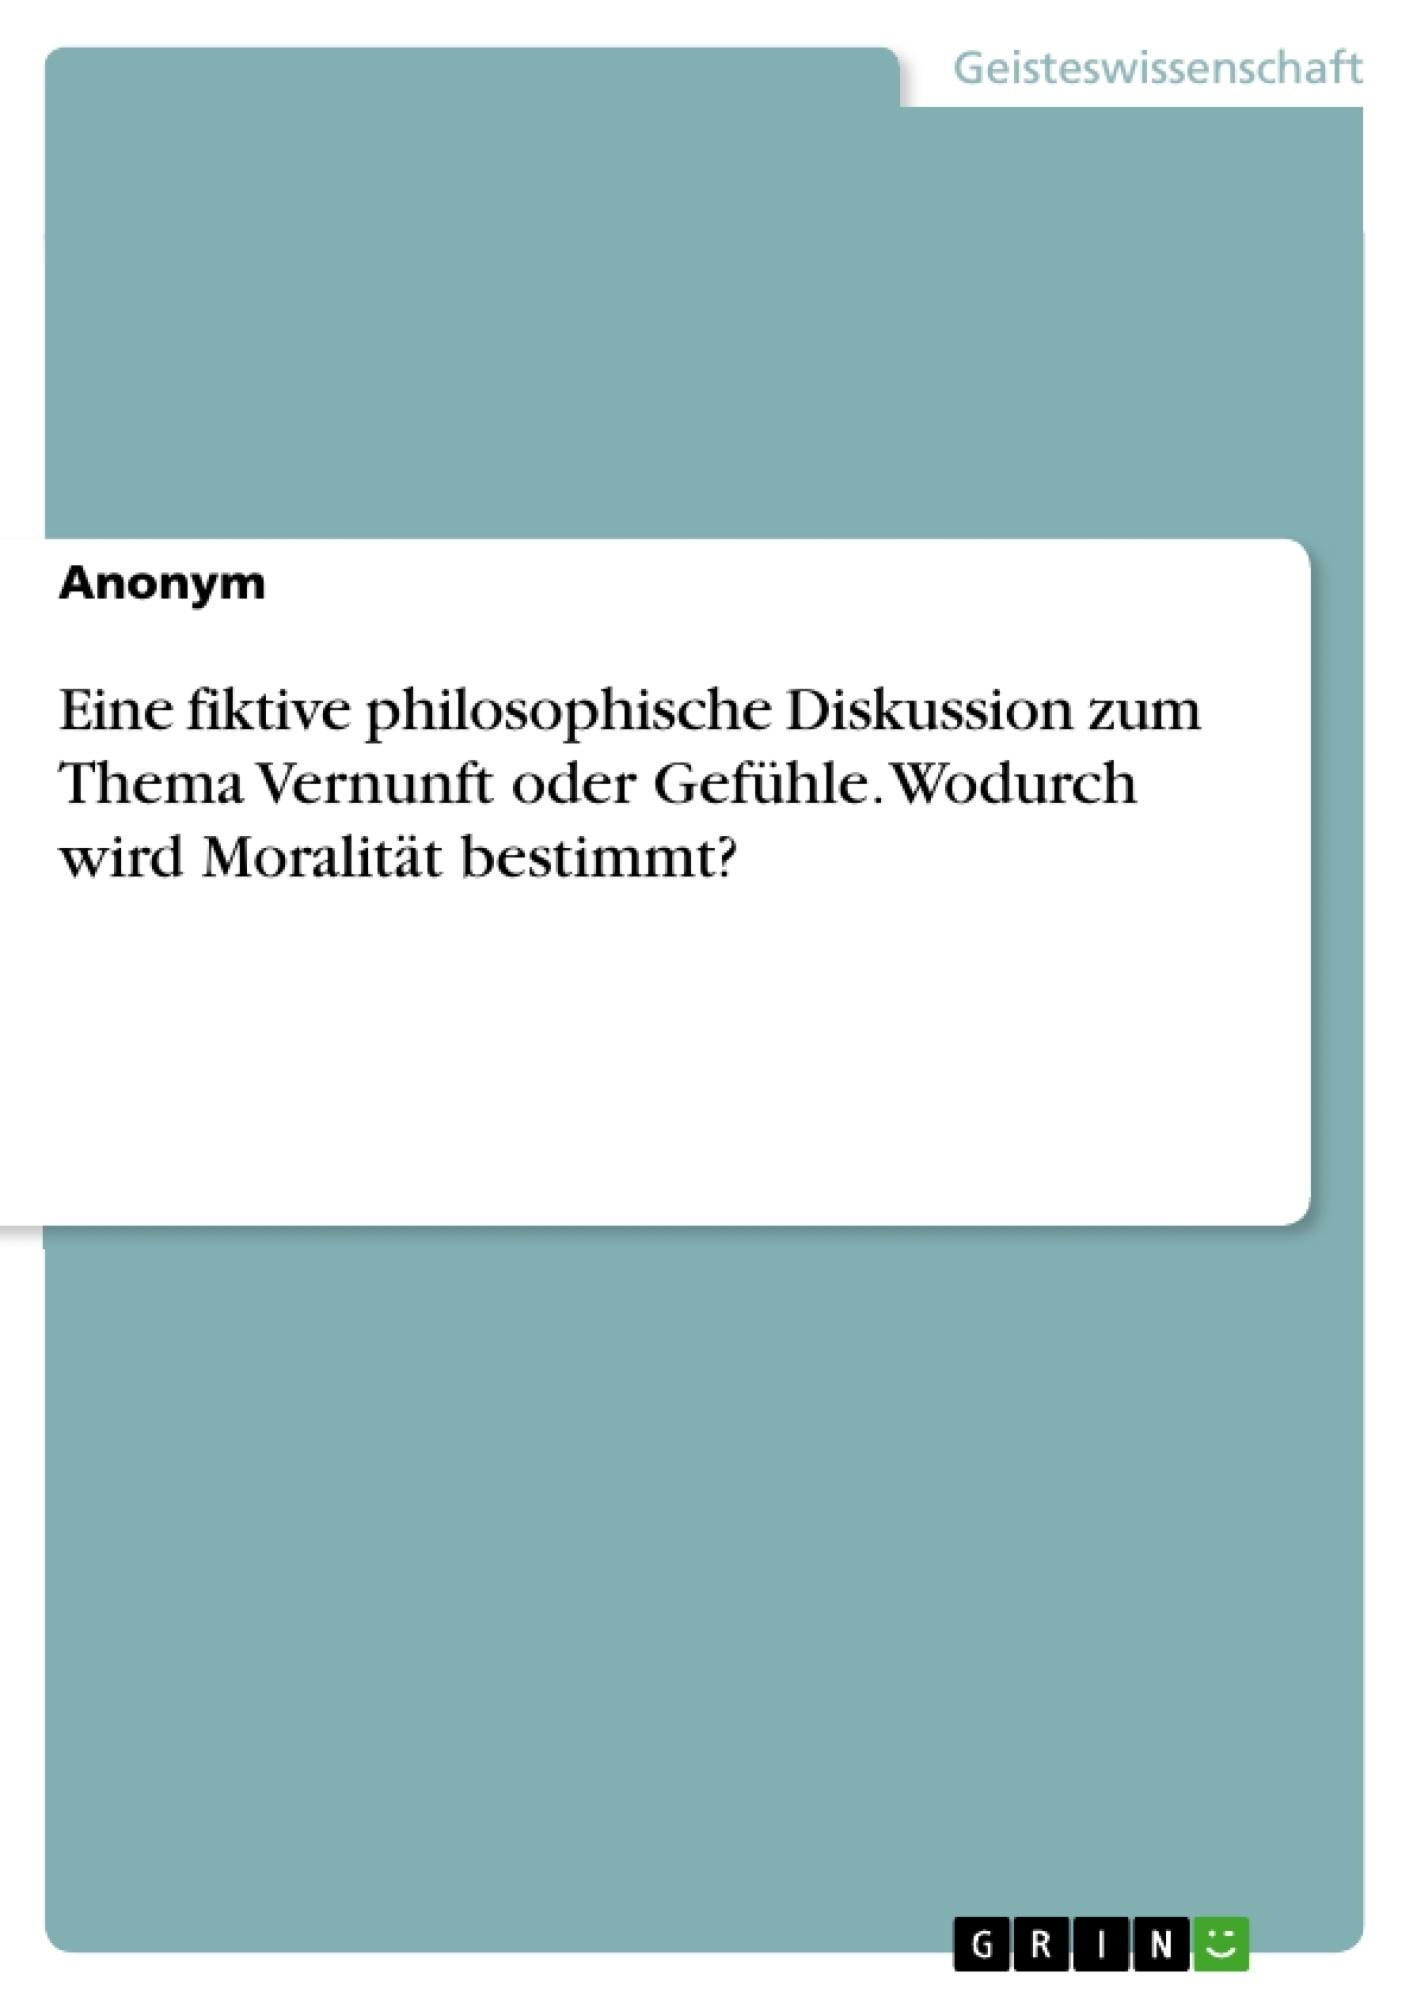 Titel: Eine fiktive philosophische Diskussion zum Thema Vernunft oder Gefühle. Wodurch wird Moralität bestimmt?